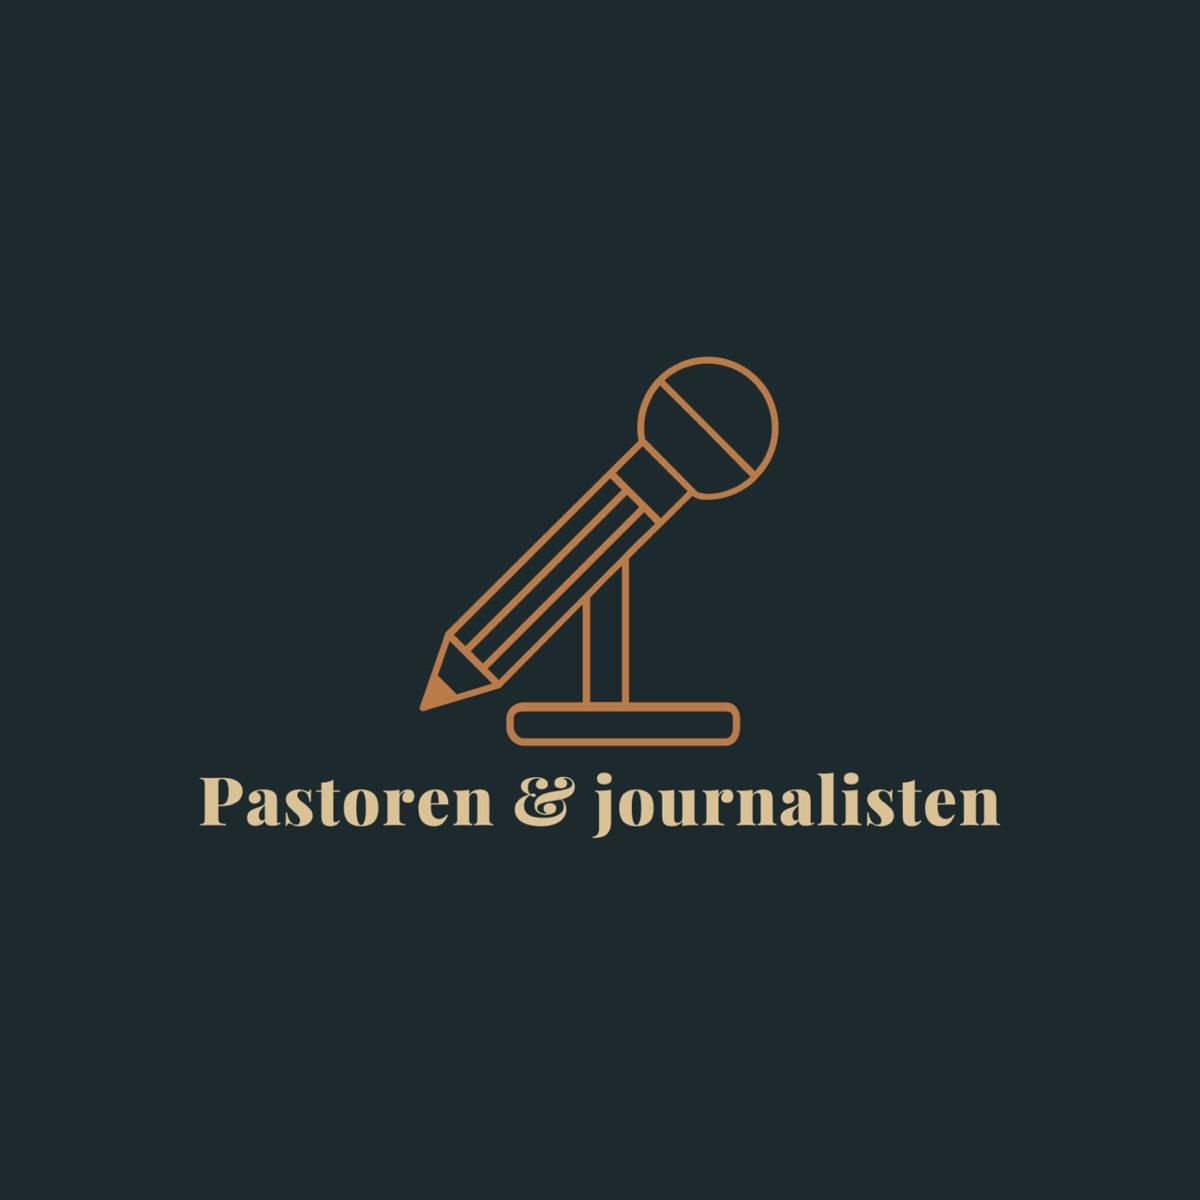 Pastoren og Journalisten - Ep.08 - Kan en kristen konfirmant si at pengene er motivasjonen for å konfirmere seg?